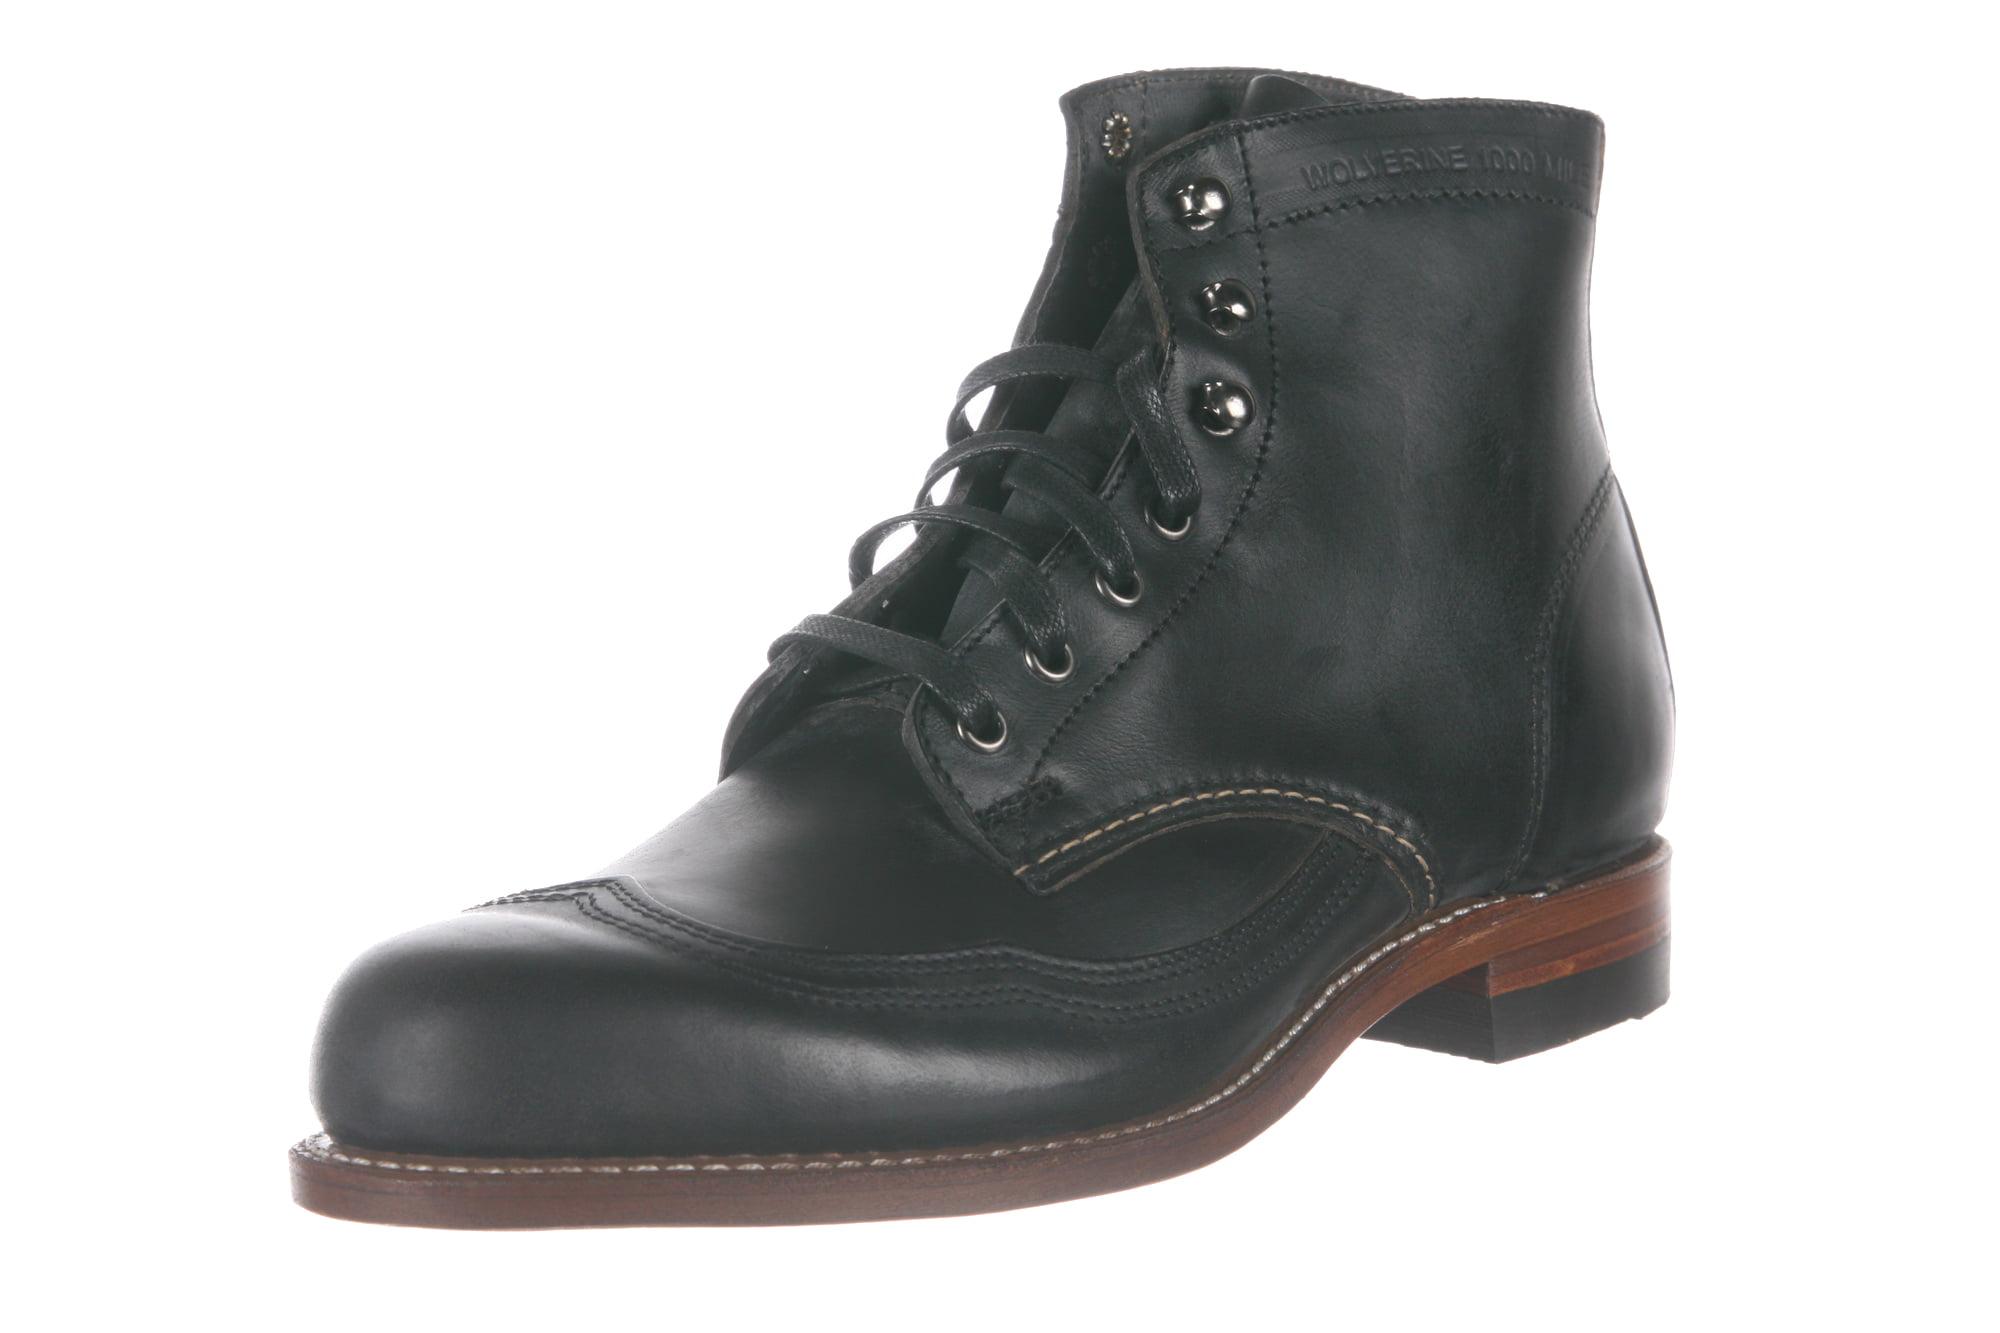 271d7881b34 Wolverine W05342: 1000 Mile Men's Brown Addison Wingtip Boots (9.5 D(M) US  Men)